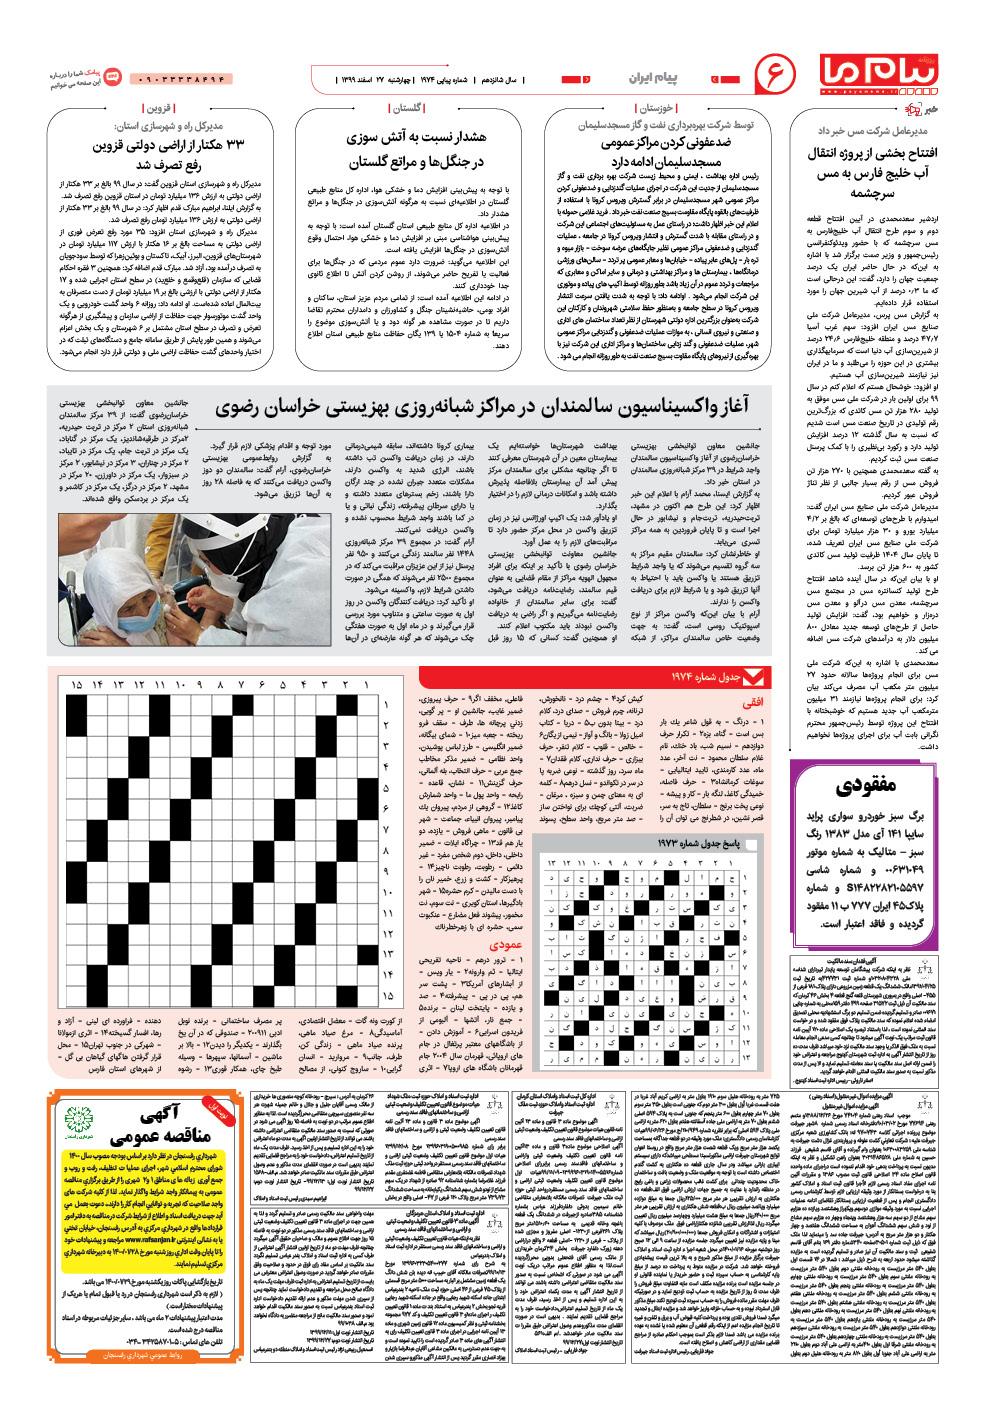 صفحه پیام ایران شماره ۱۹۷۴ روزنامه پیام ما